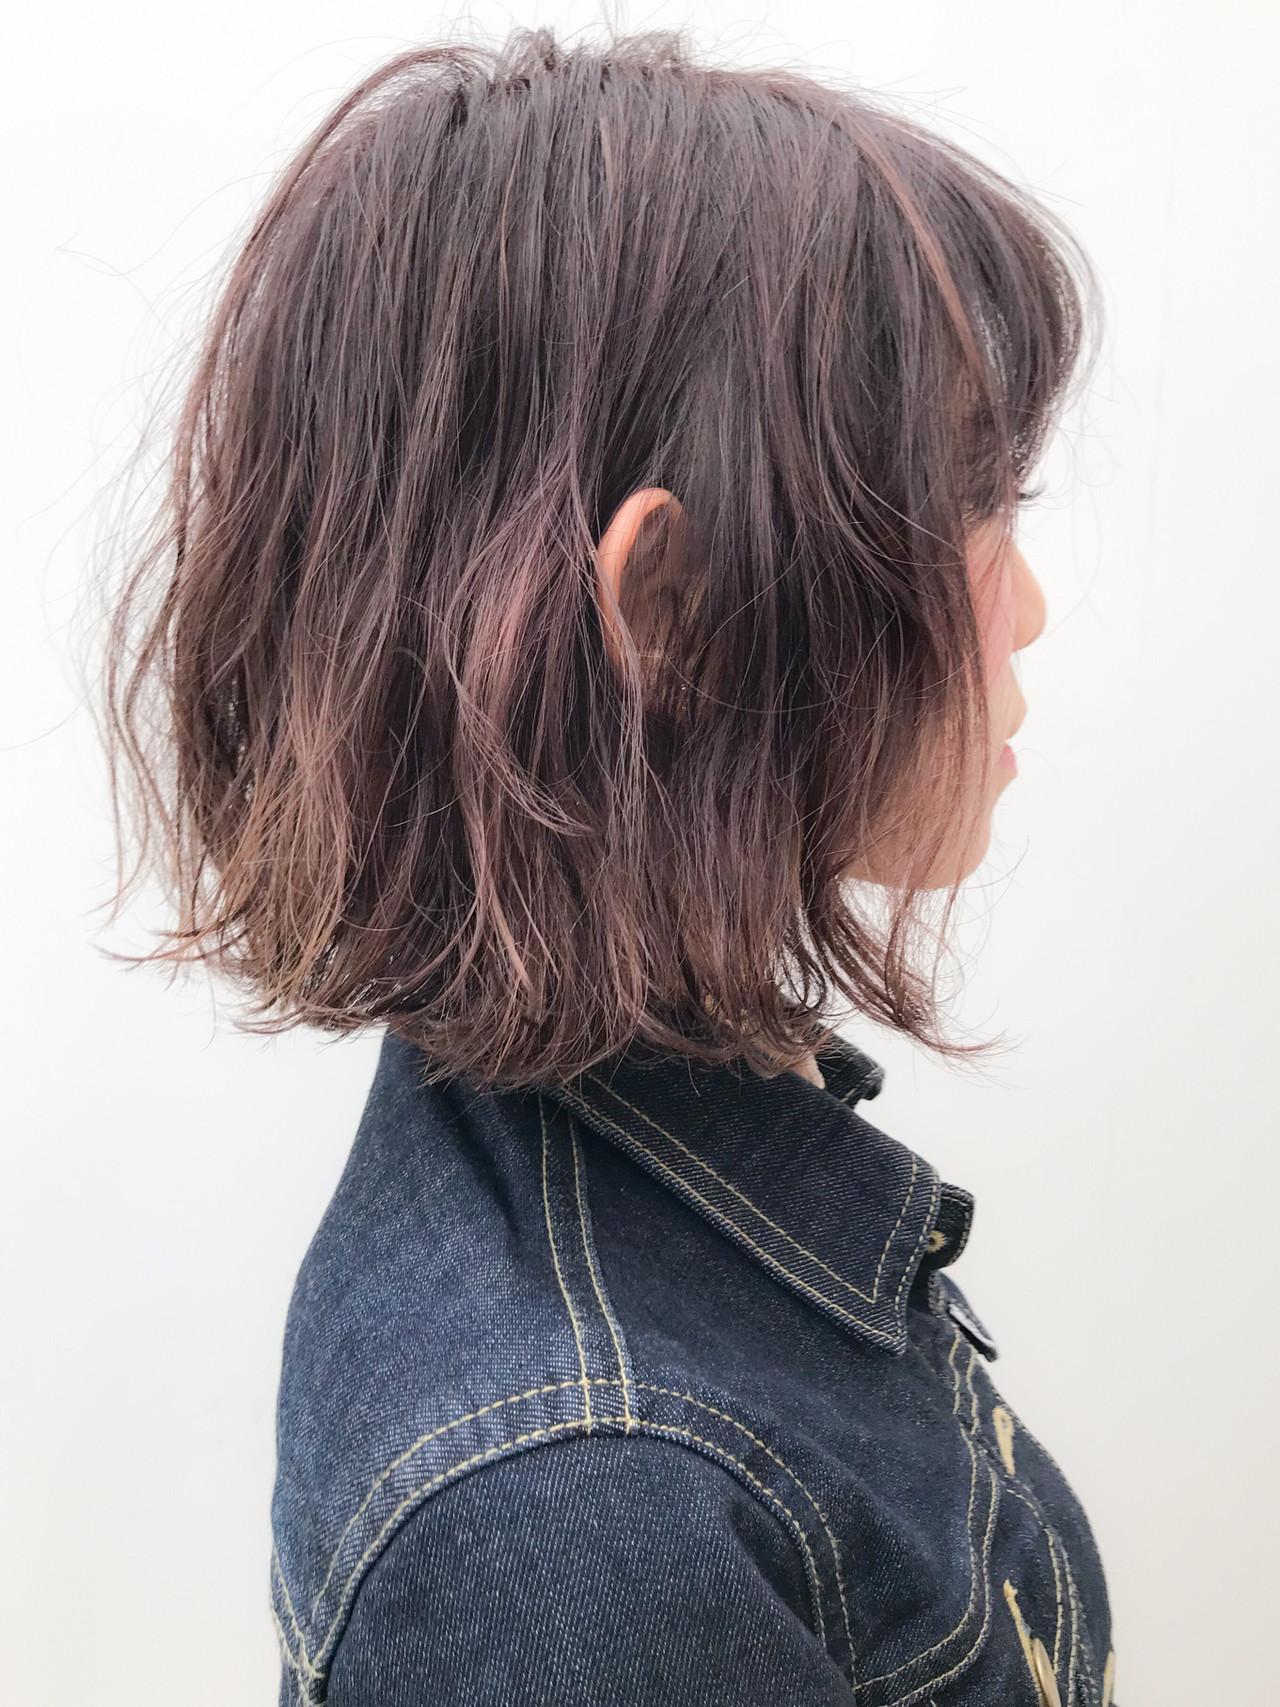 イルミナカラー ガーリー デート パーマヘアスタイルや髪型の写真・画像